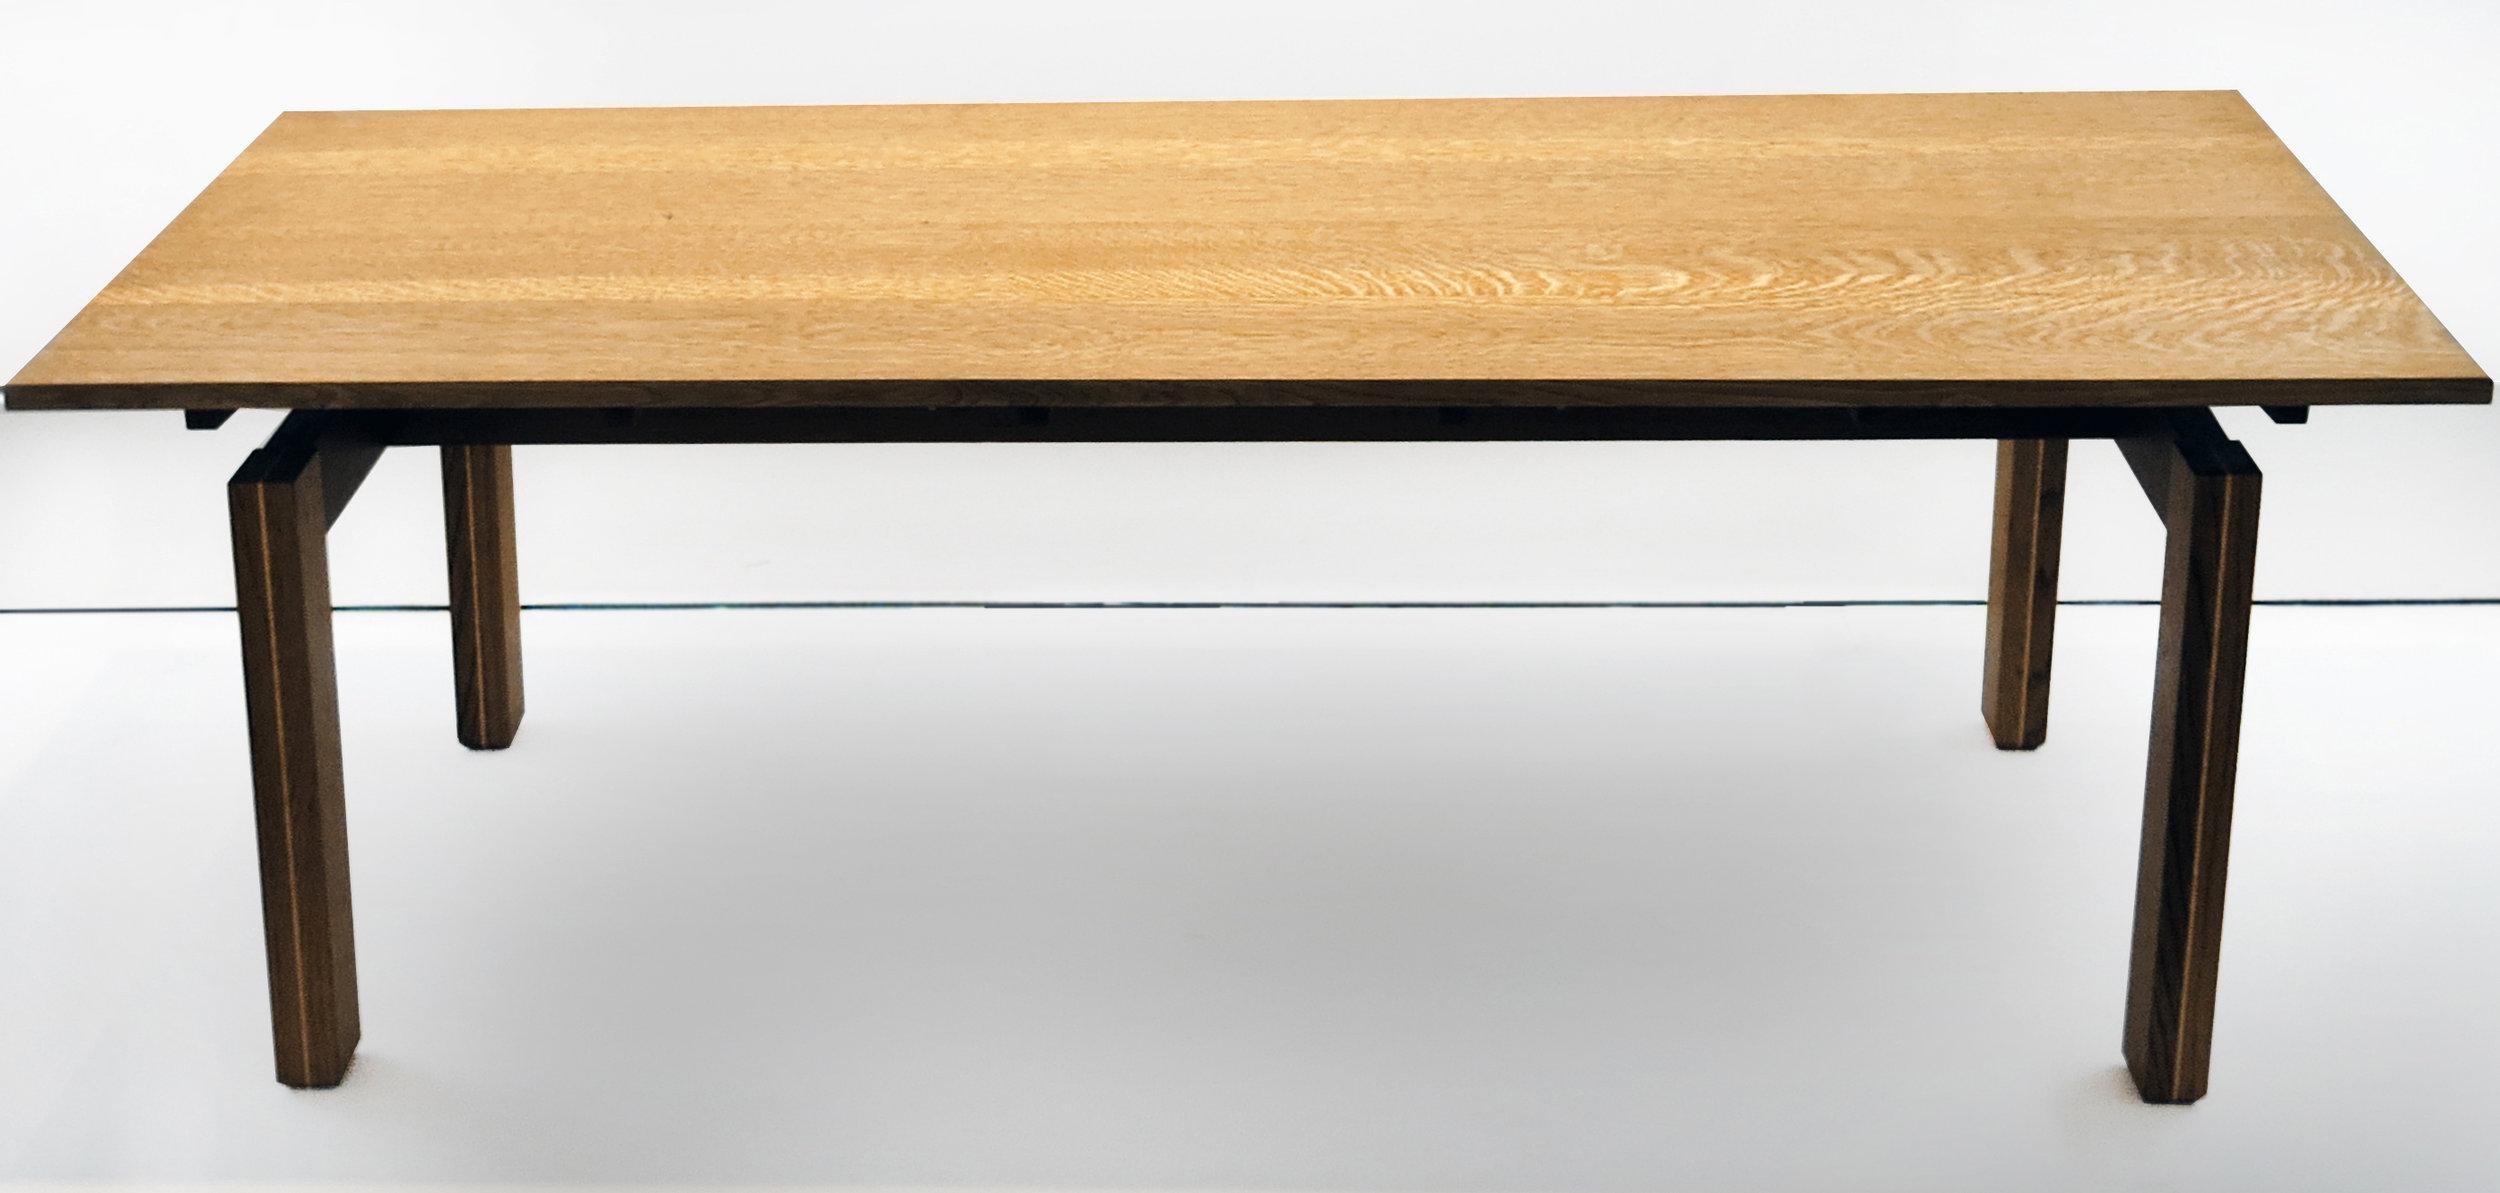 Edward Finnegan, (Untitled) Table, 2000, white oak, holly, 30h x 84w x 30.25d in.